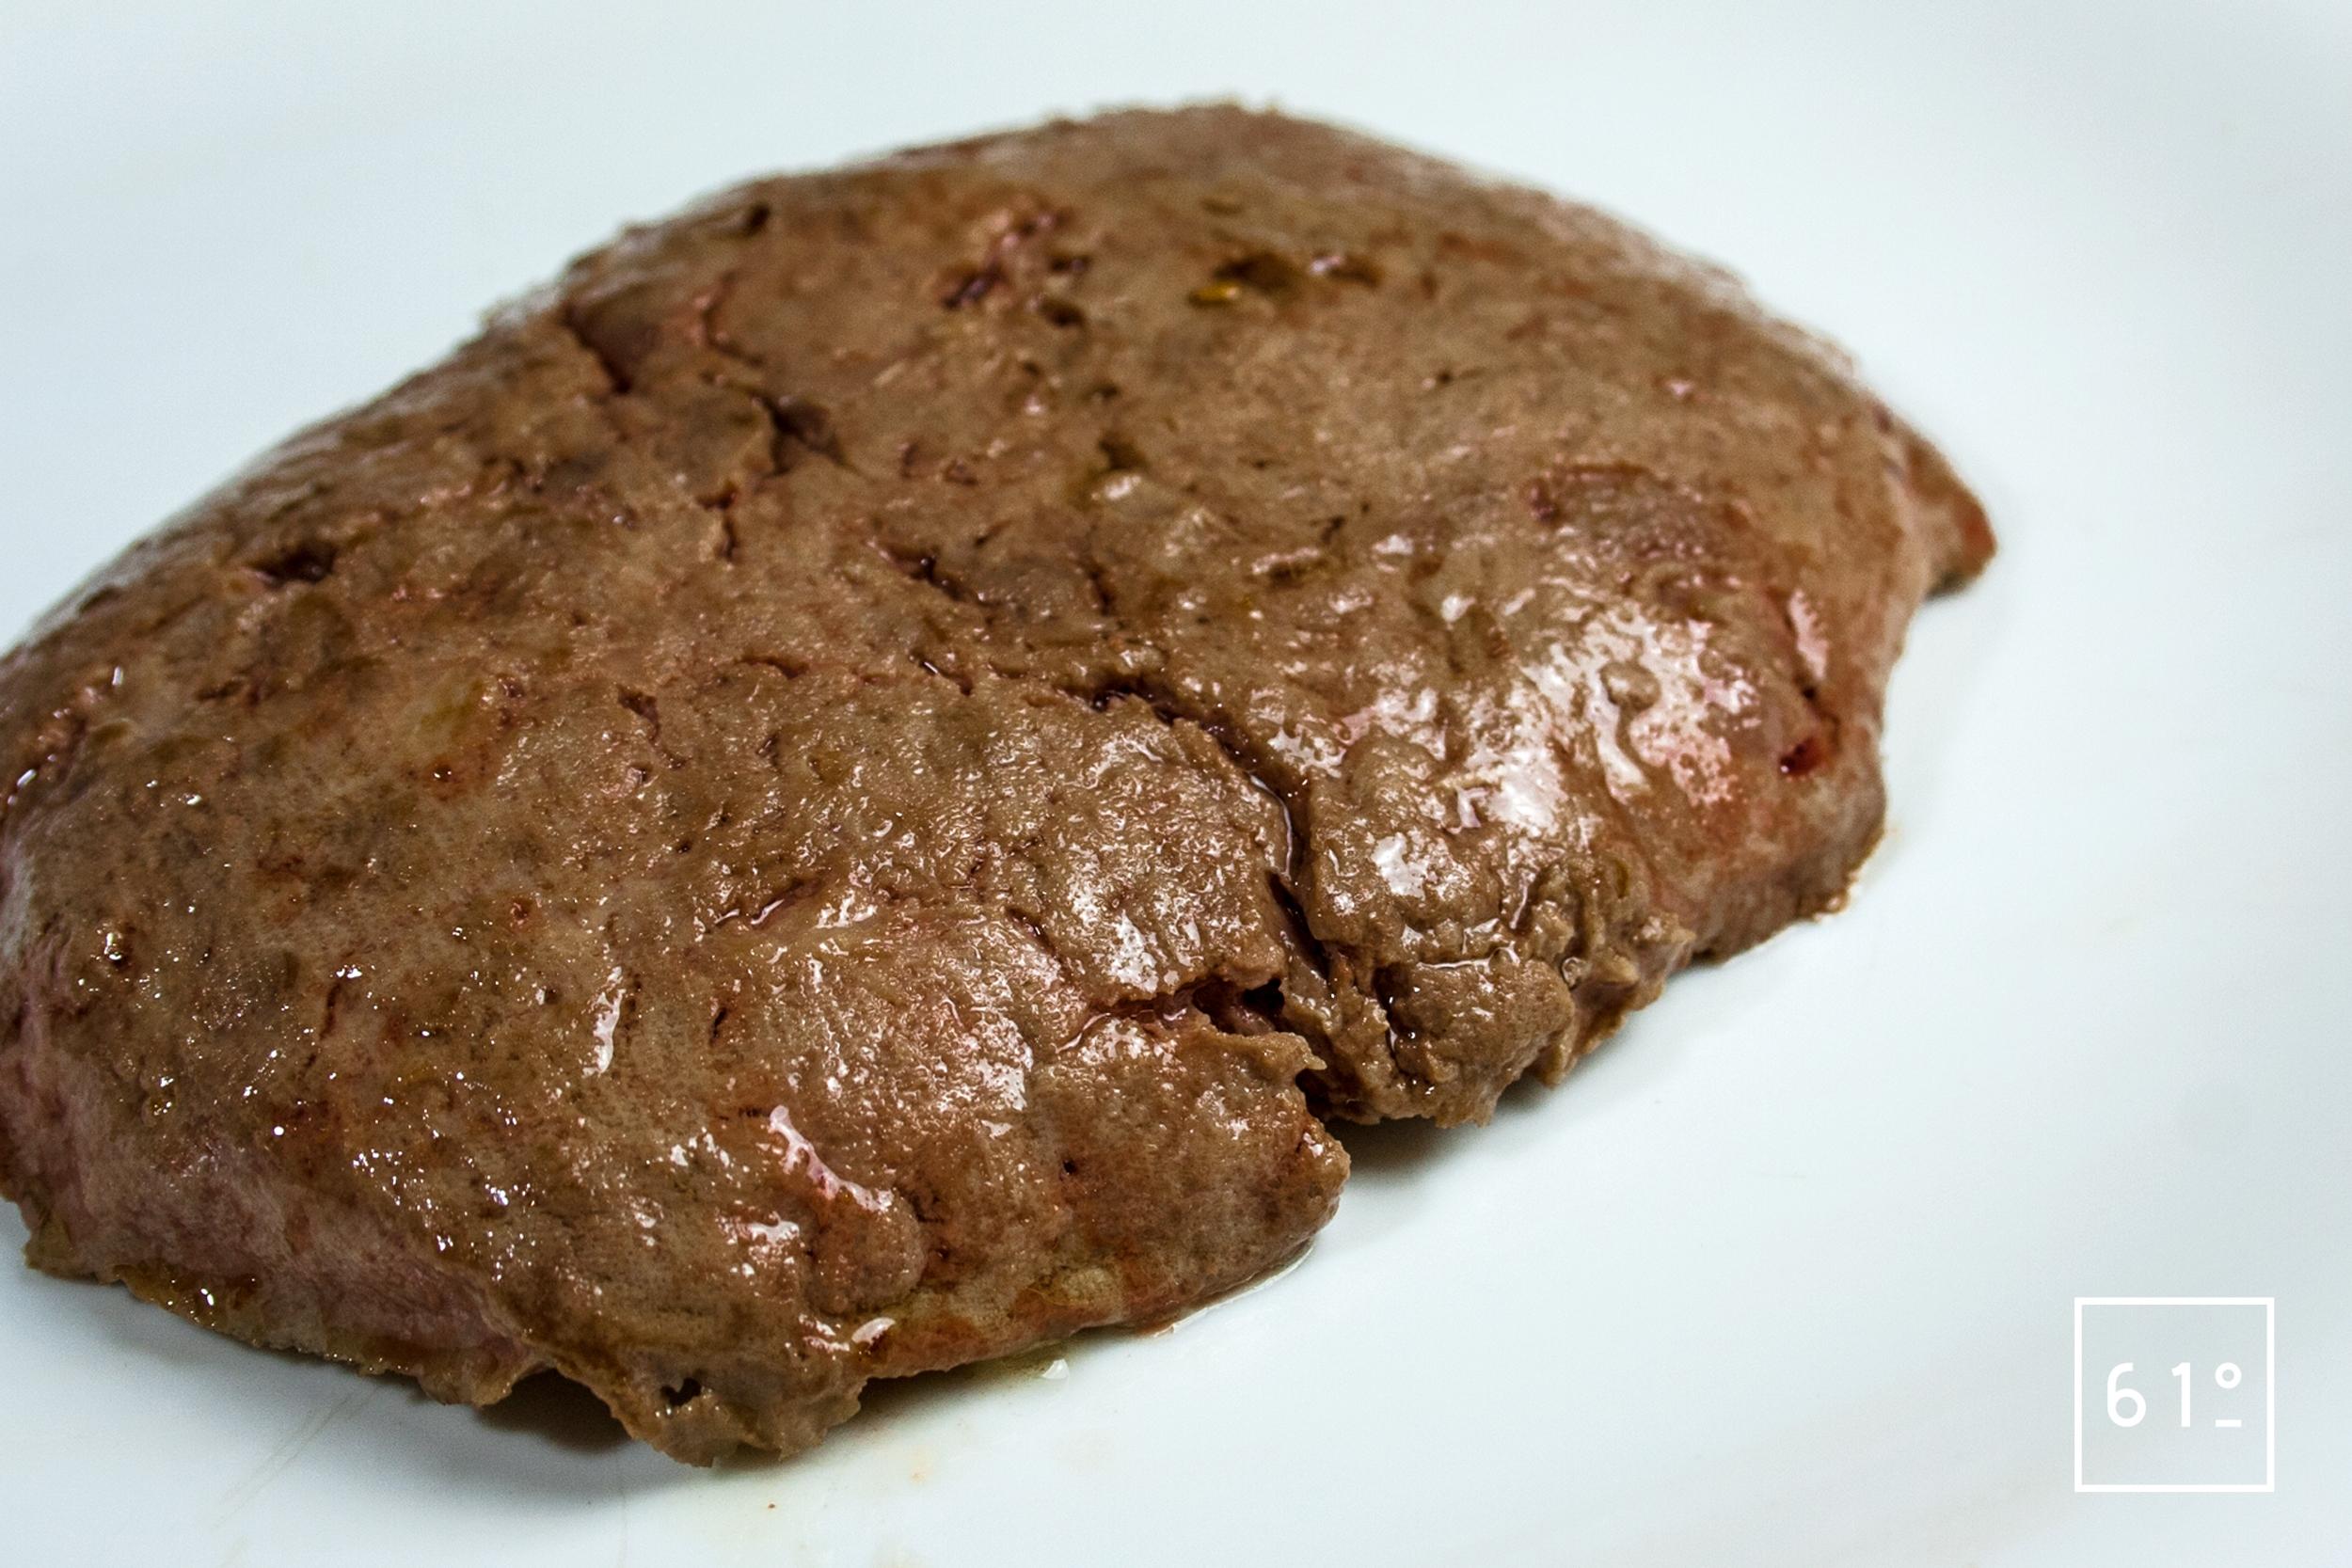 steak hach de canard recette 61 degr s. Black Bedroom Furniture Sets. Home Design Ideas